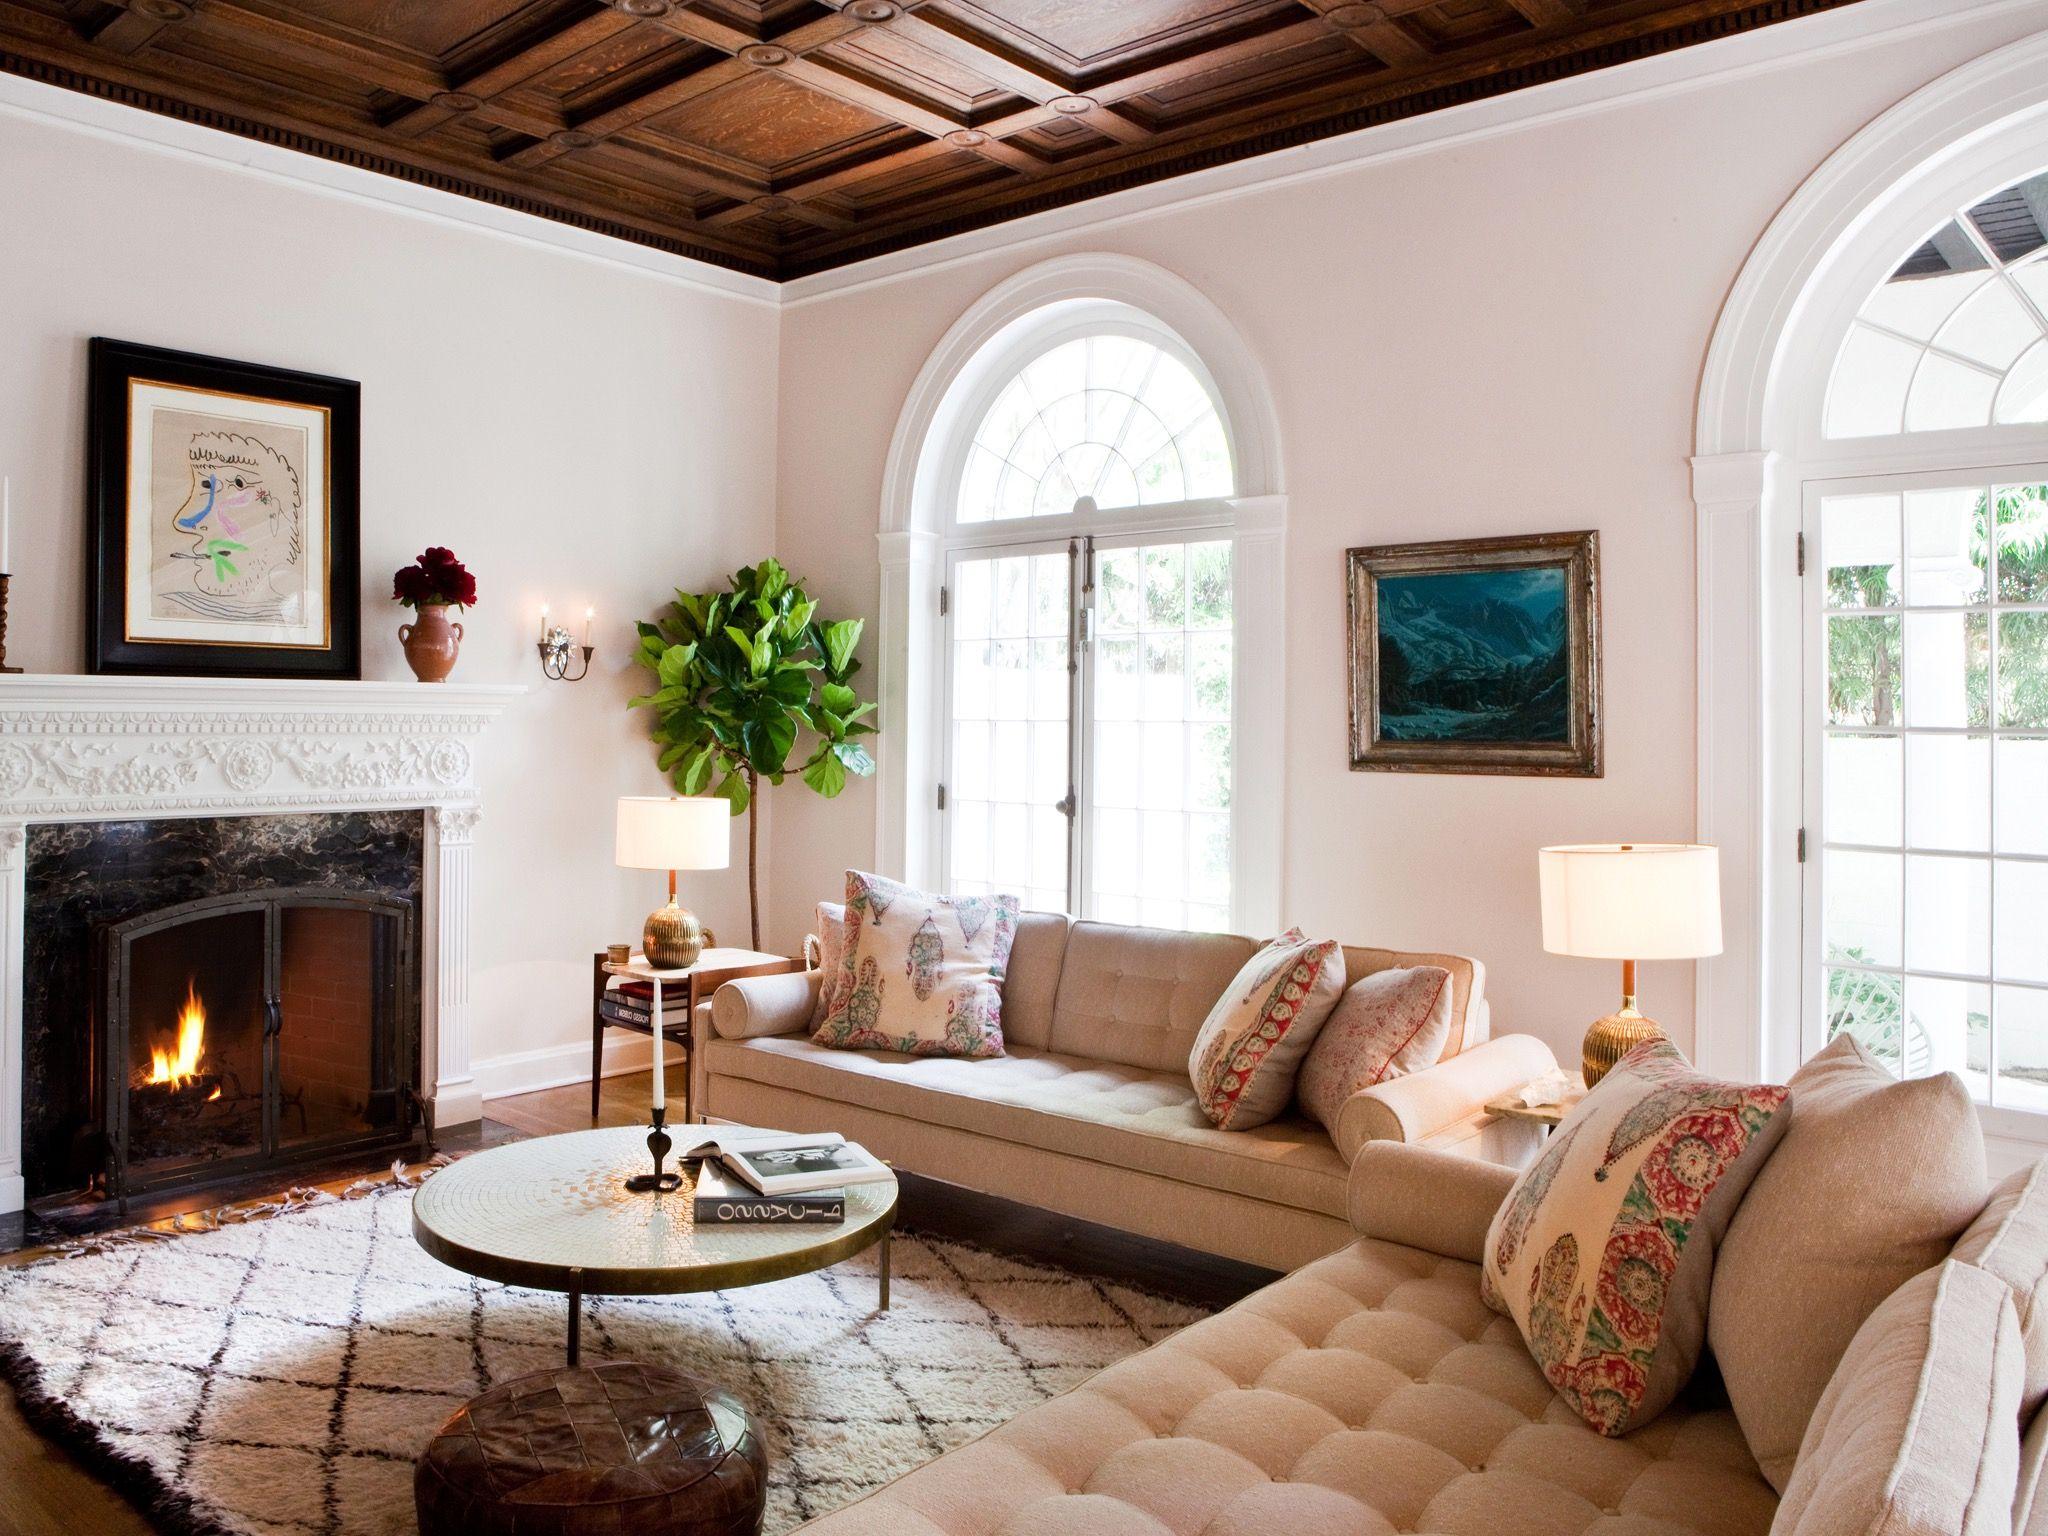 Zimmer im mexikanischen stil mittelmeer wohnzimmer design mit entspannter stimmung  wohnzimmer